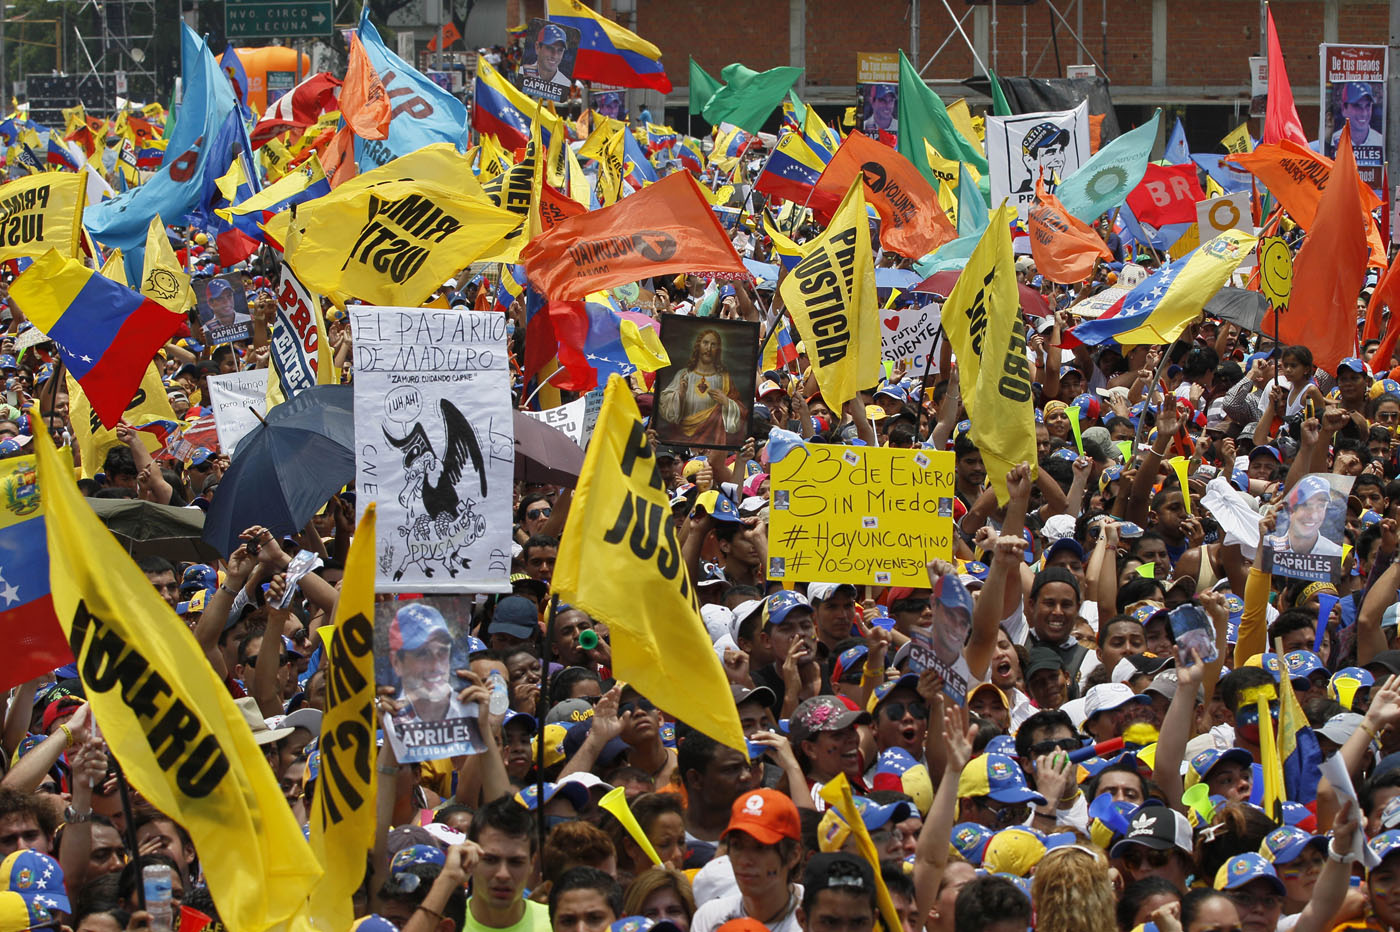 Partidos políticos acordaron construcción de una coalición más amplia para lograr elecciones libres y ayuda humanitaria